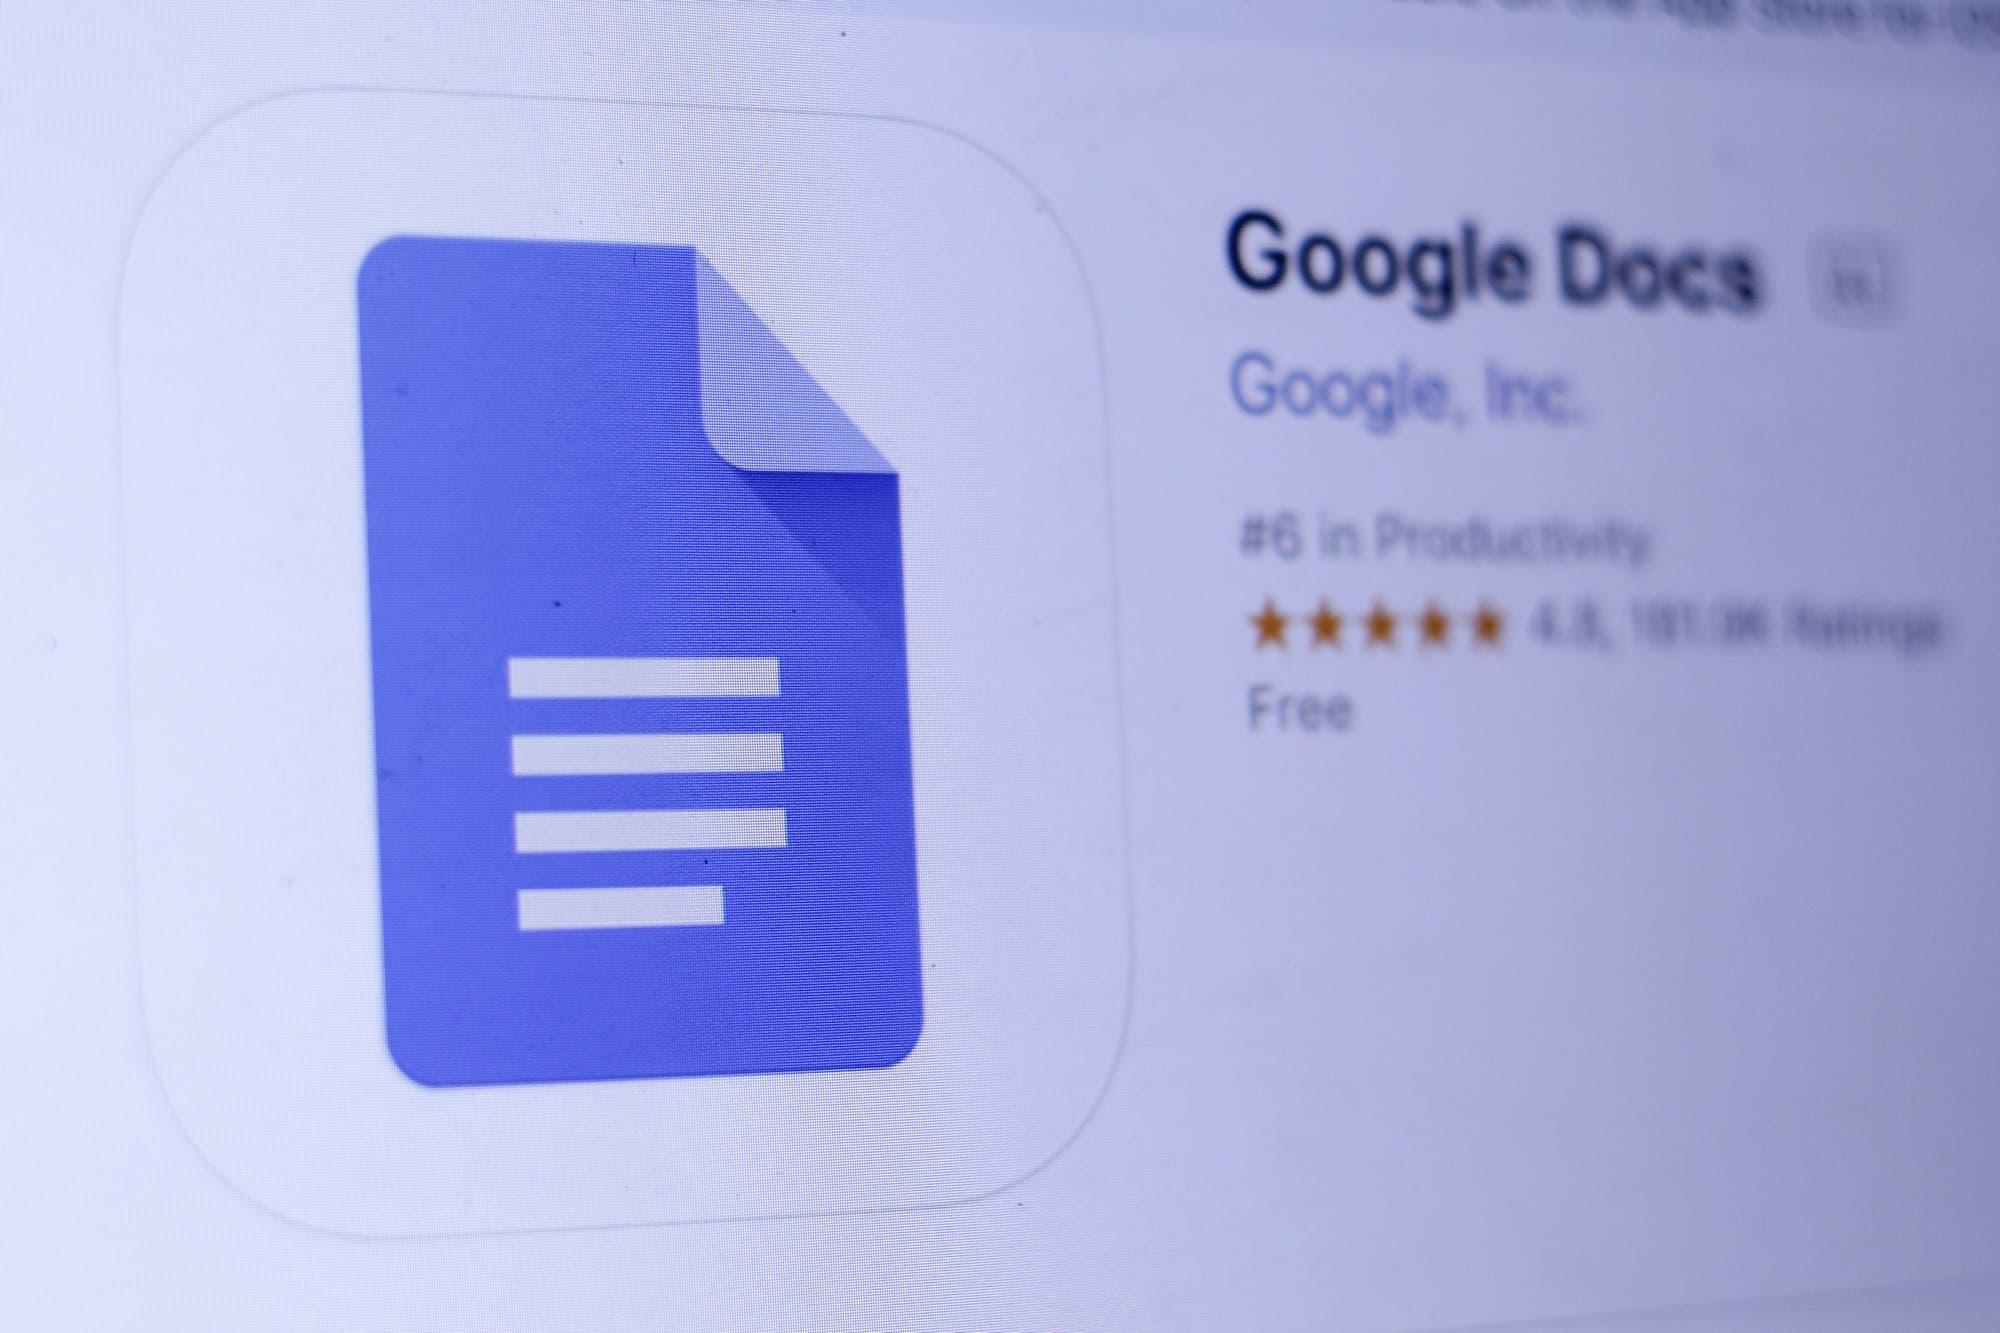 Google Docs ahora ofrece sugerencias gramaticales y correcciones en español